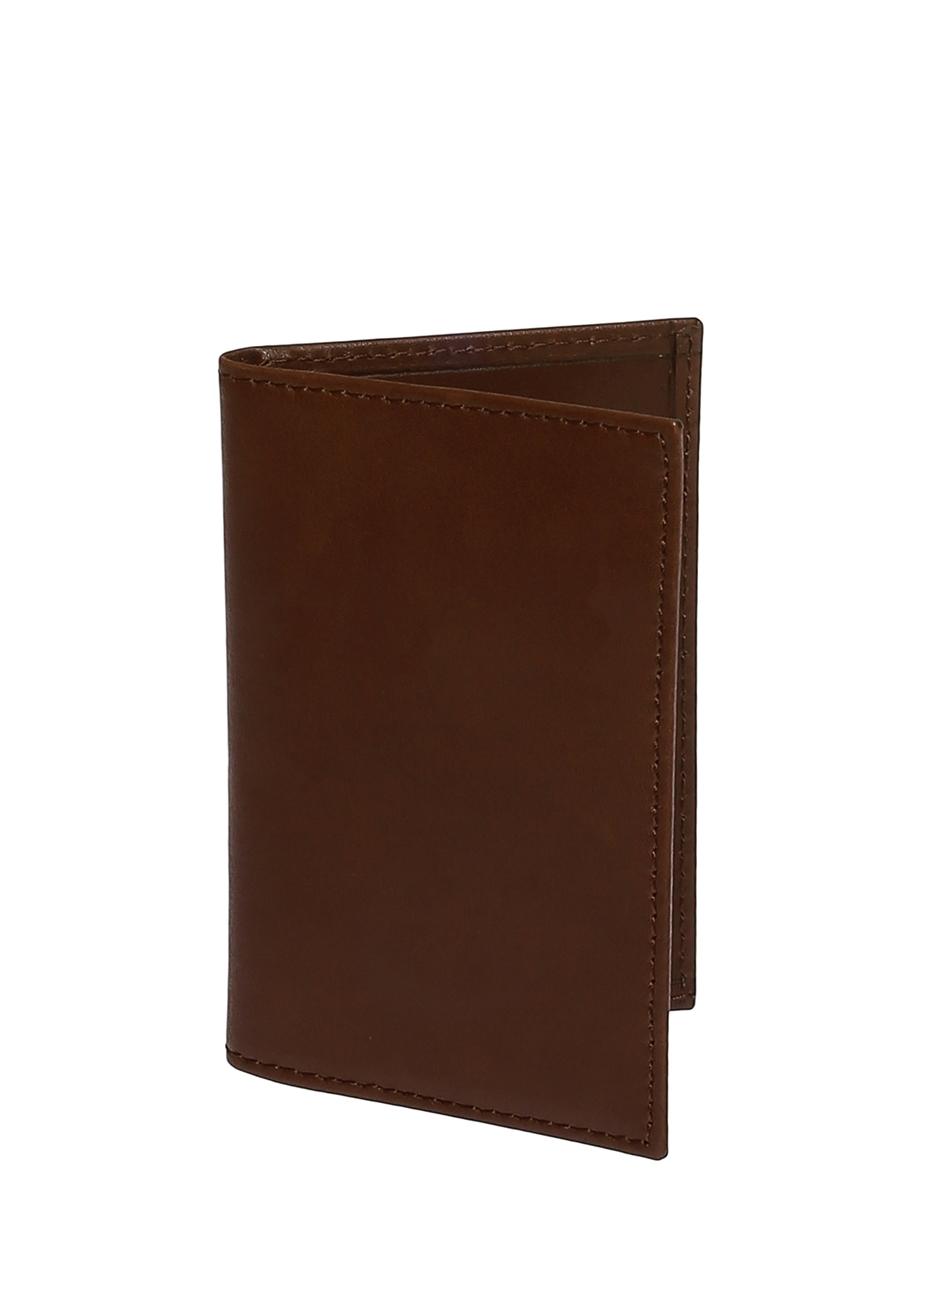 Penford Deri Kahverengi Cüzdan 5000129933001 Ürün Resmi